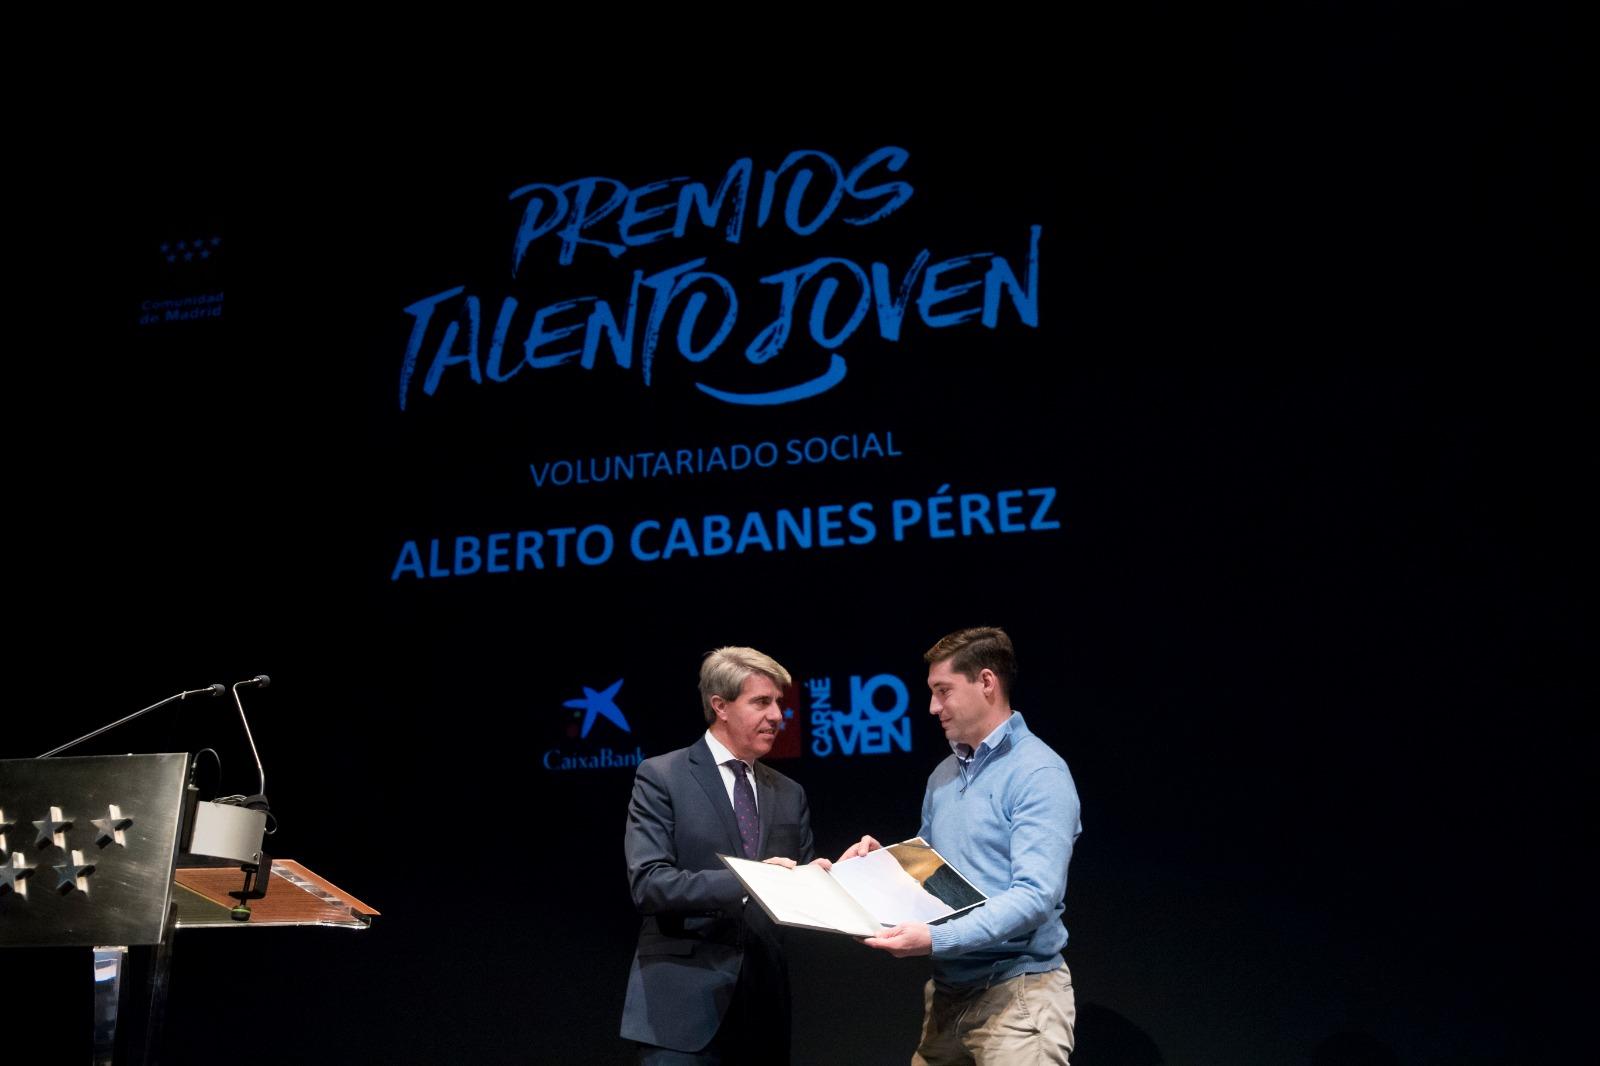 Premio talento joven